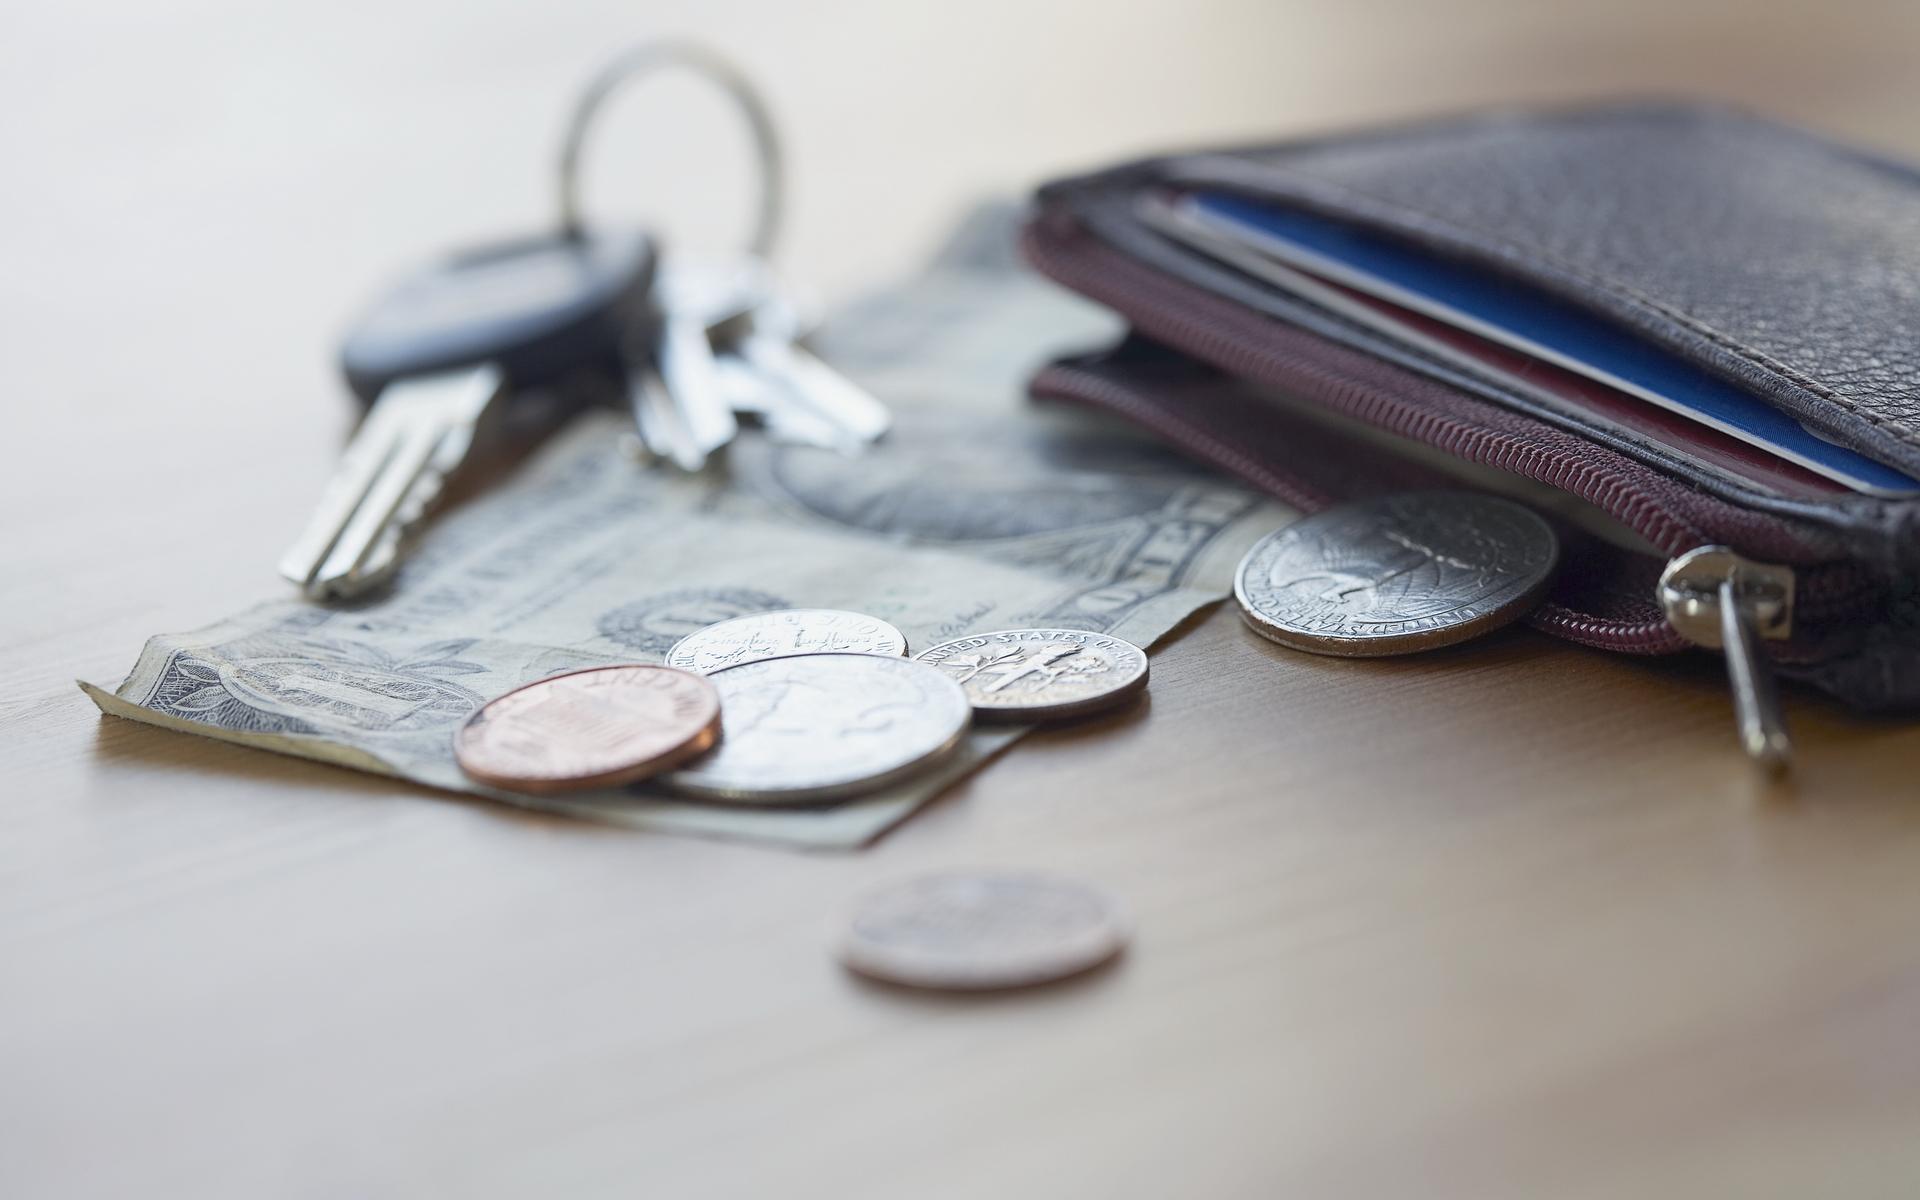 Бюджетната комисия одобри 10% данък върху отчетените разходи по личното ползване на фирмени активи